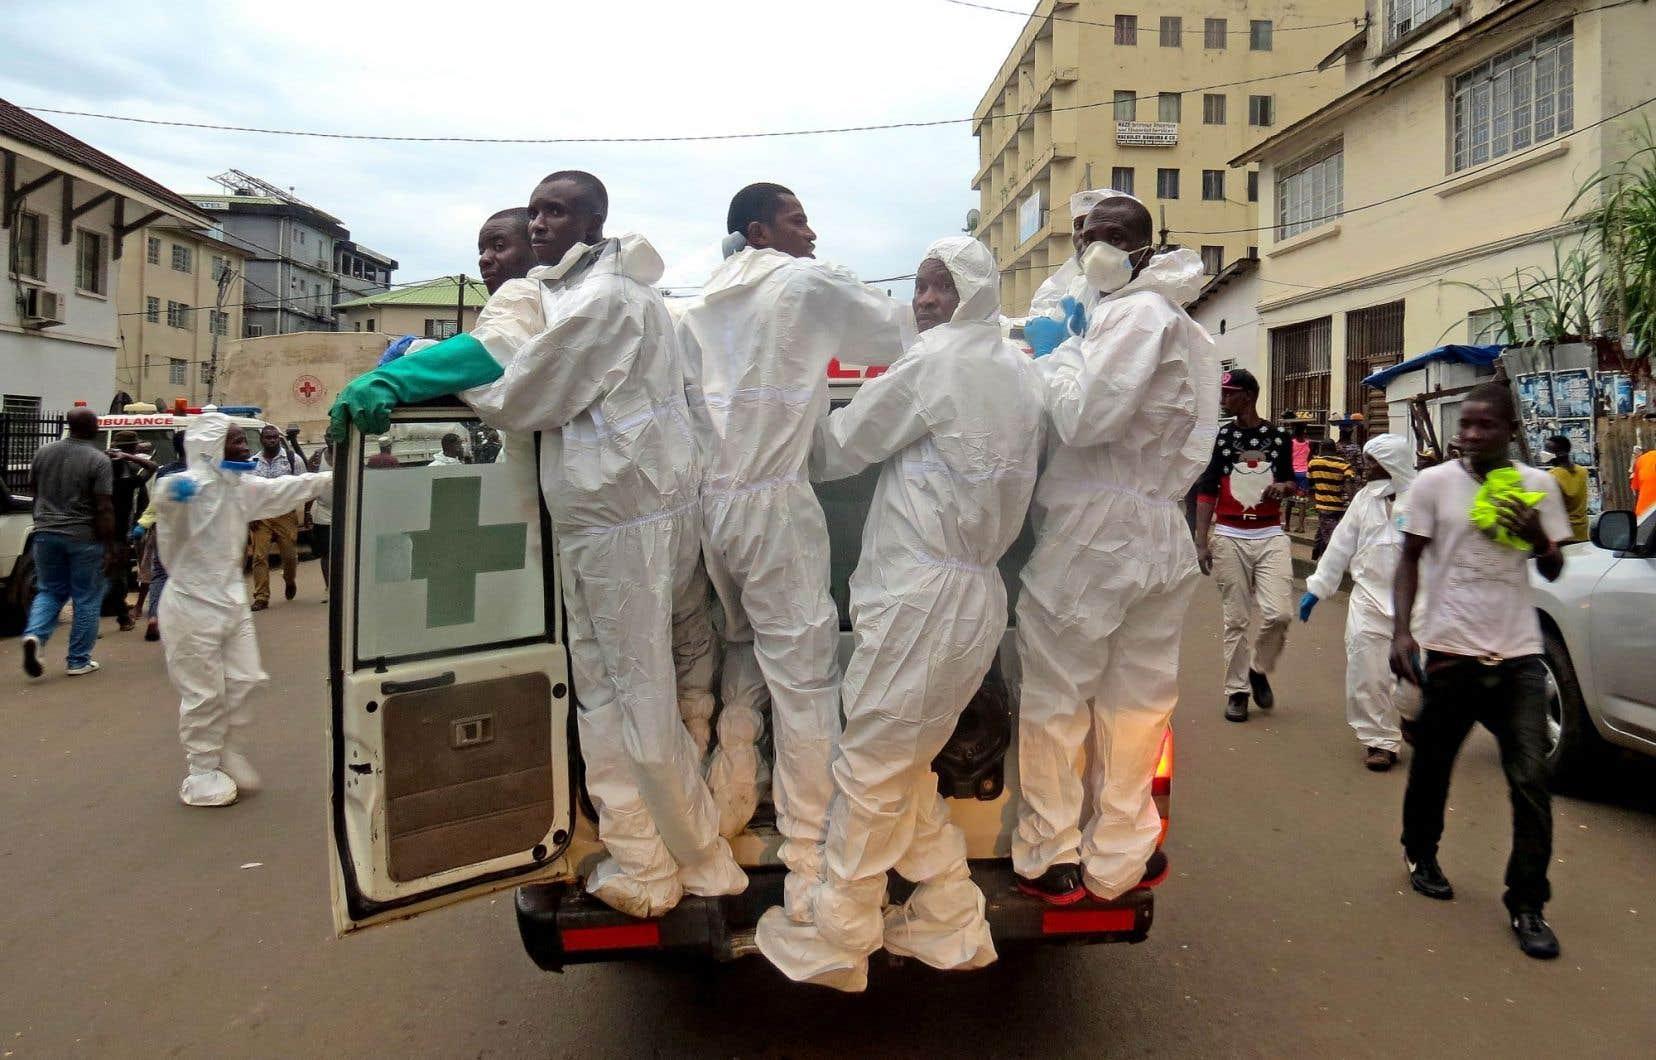 L'identification des victimes par les employés de la morgue est difficile.